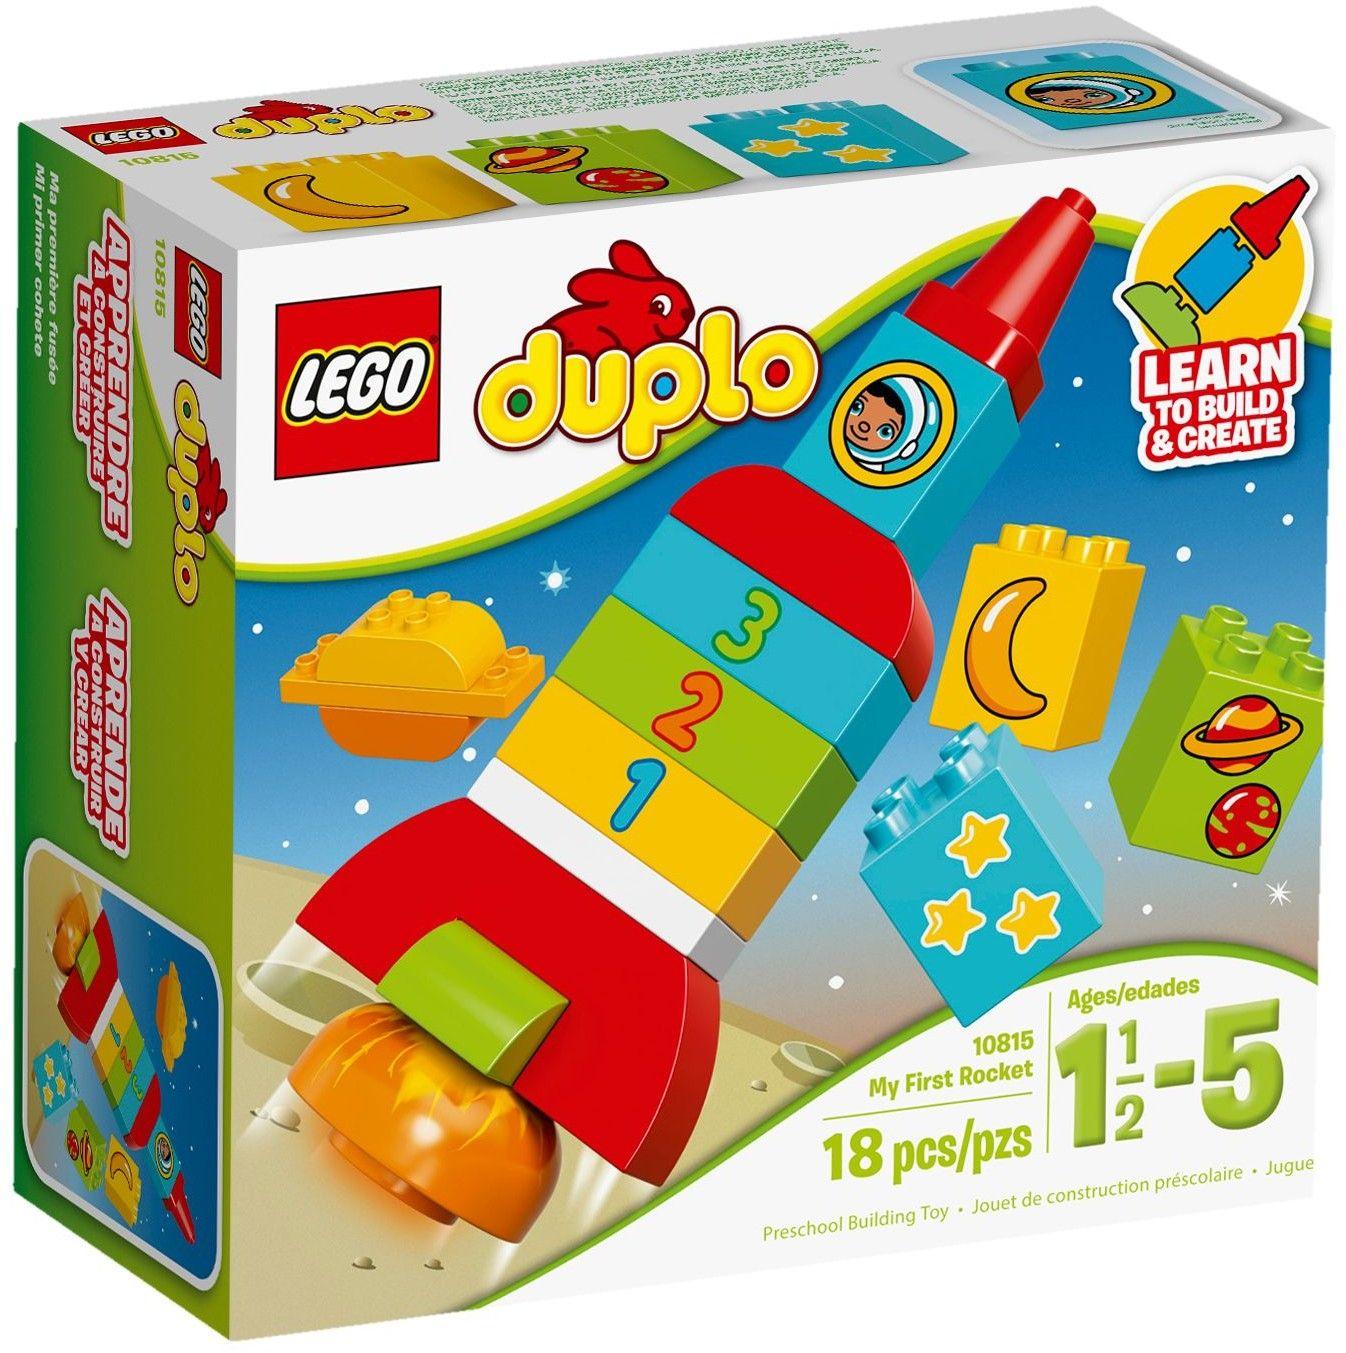 Bộ xếp hình Lego giúp bé hình thành kỹ năng đếm, nhận biết mặt số và những hình ảnh khác